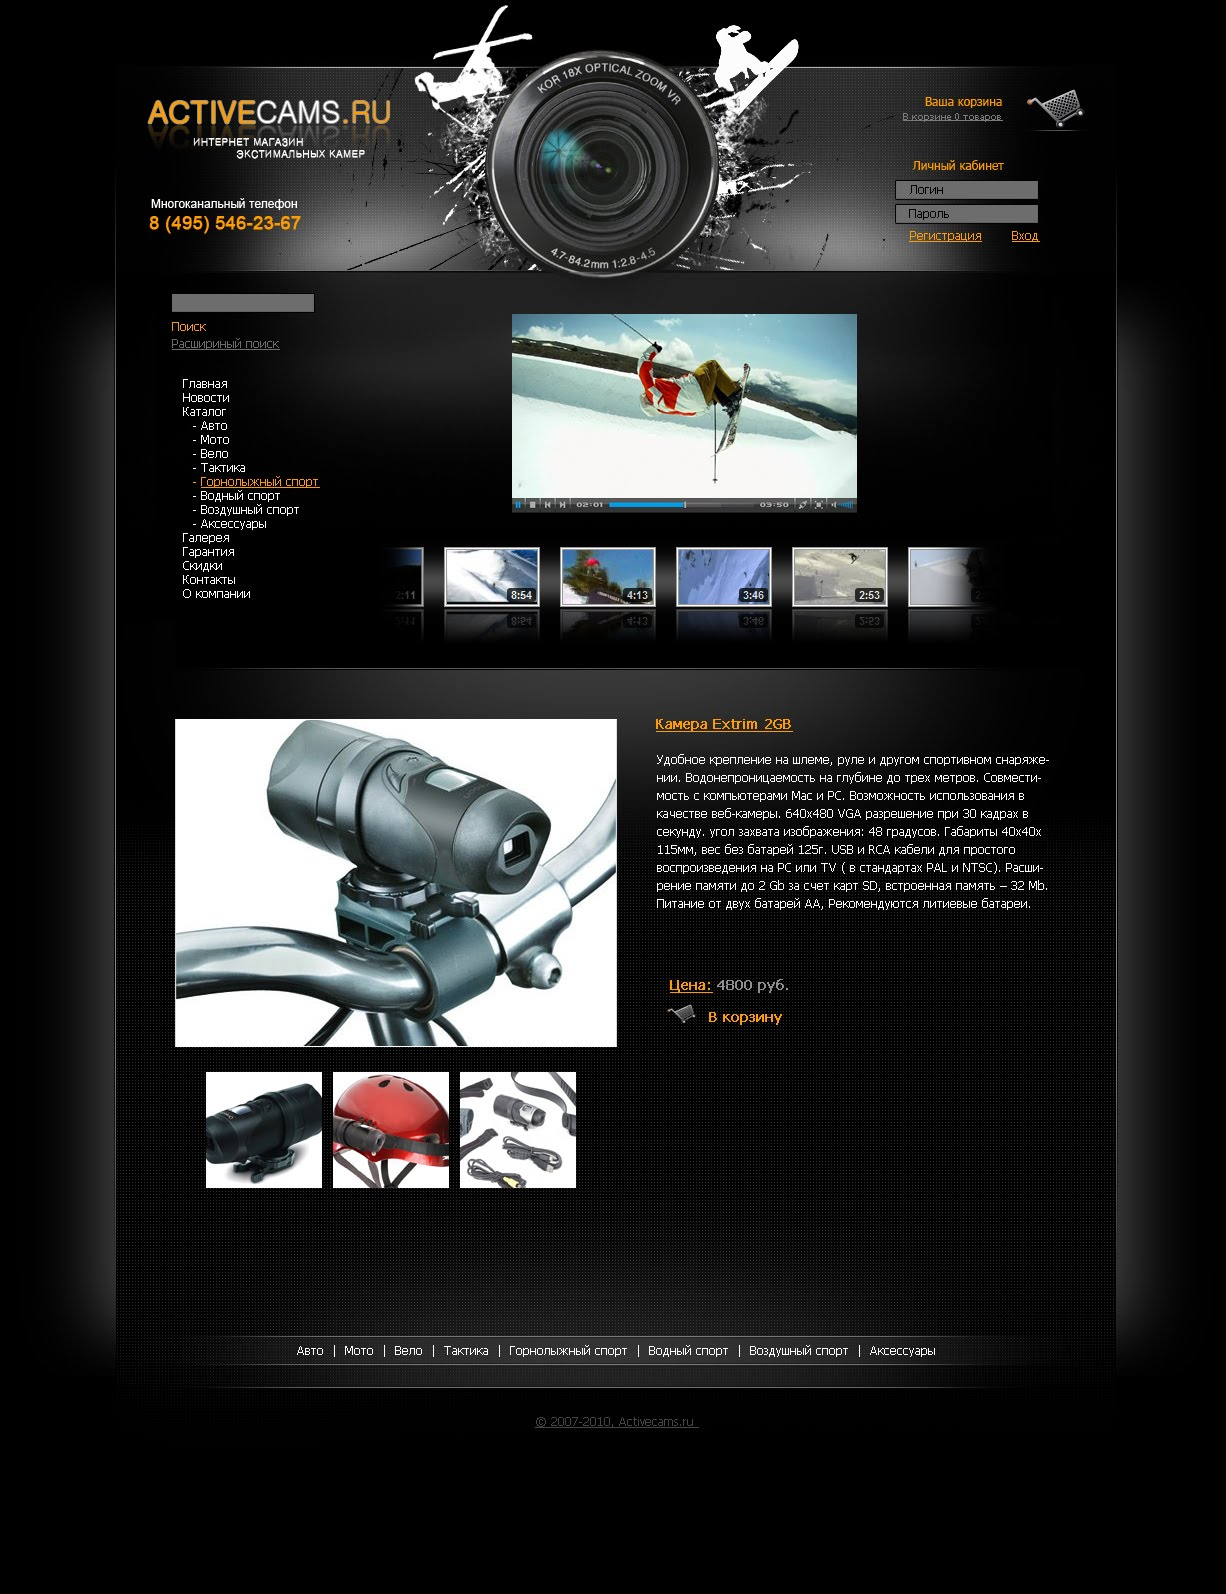 Дизайн сайта дизайнер